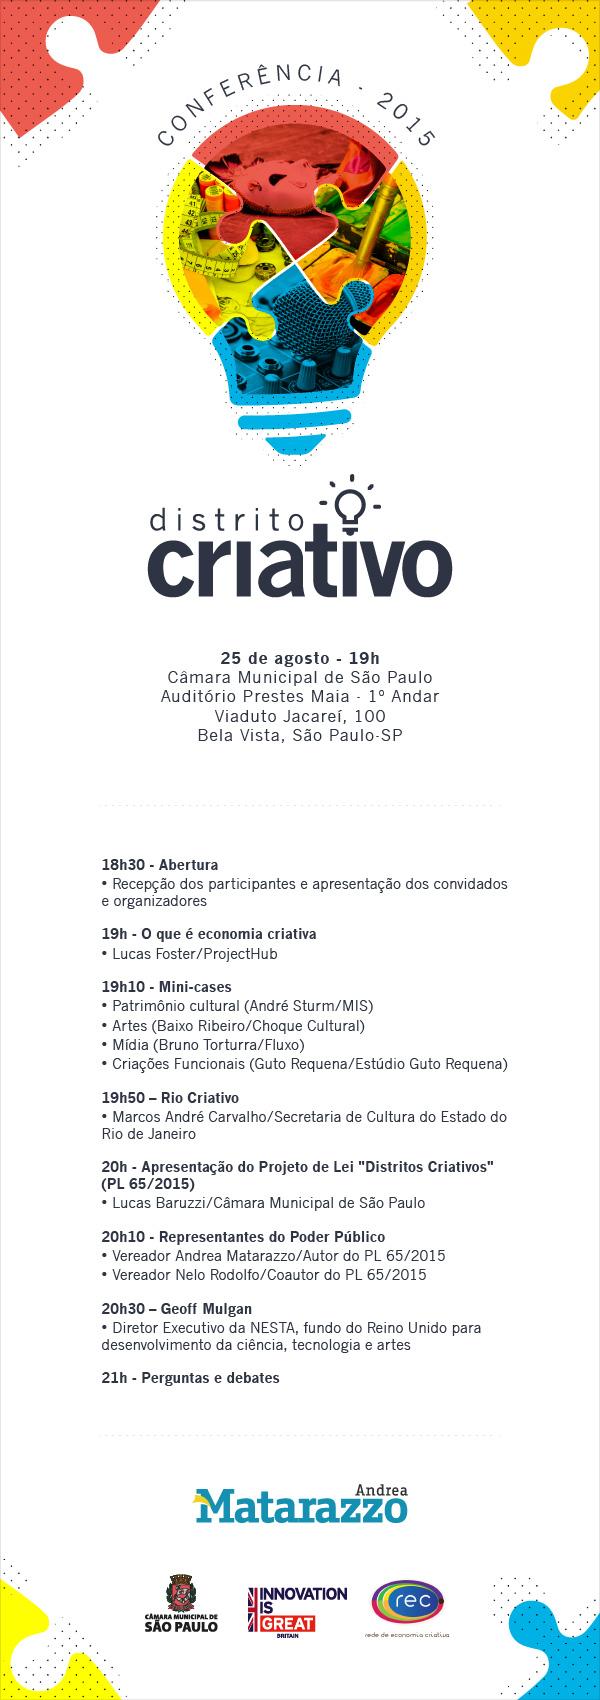 distrito-criativo-501